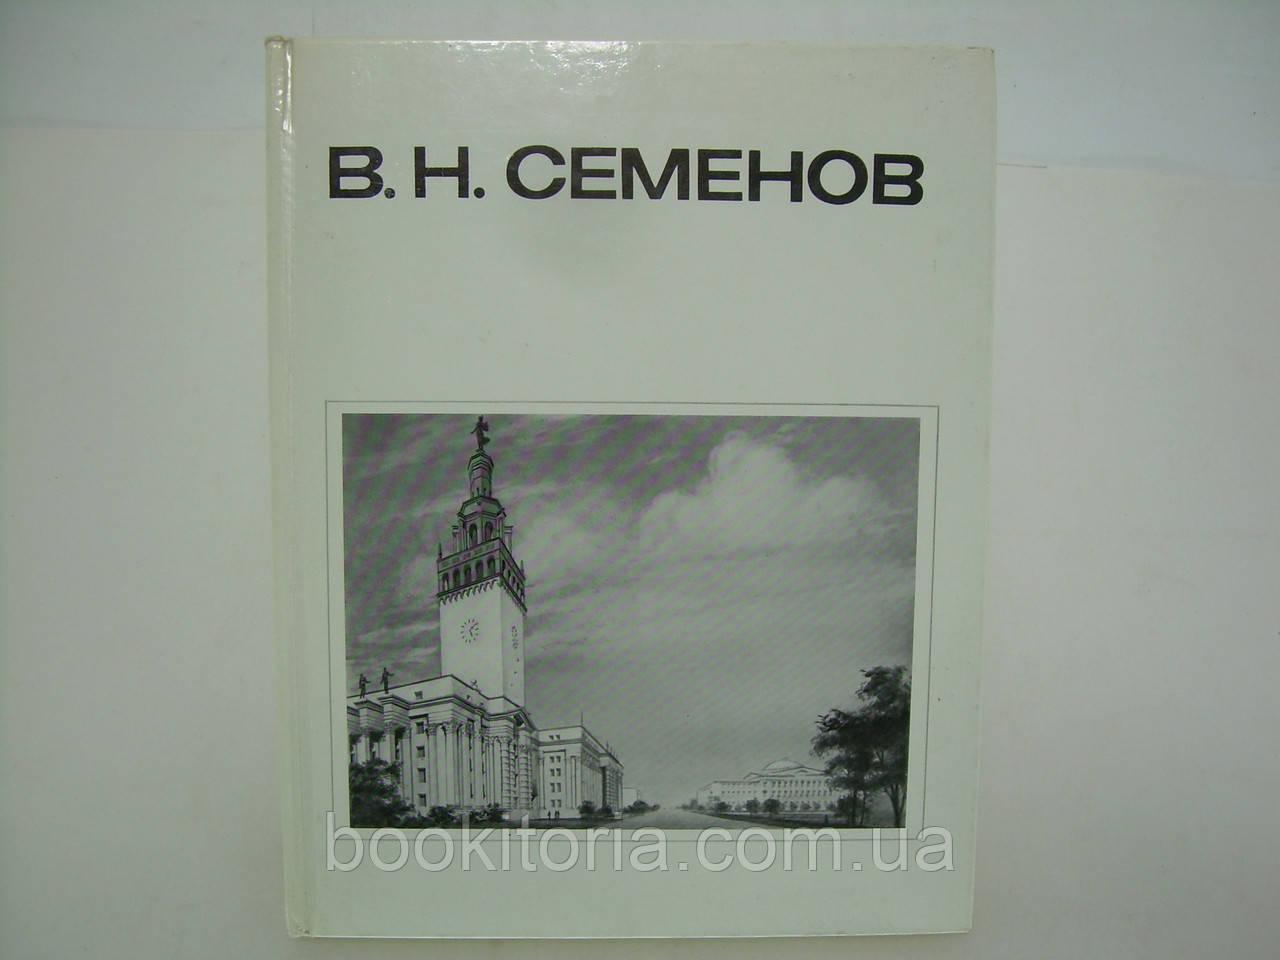 Белоусов В.Н., Смирнова О.В. Семенов В.Н. (б/у).